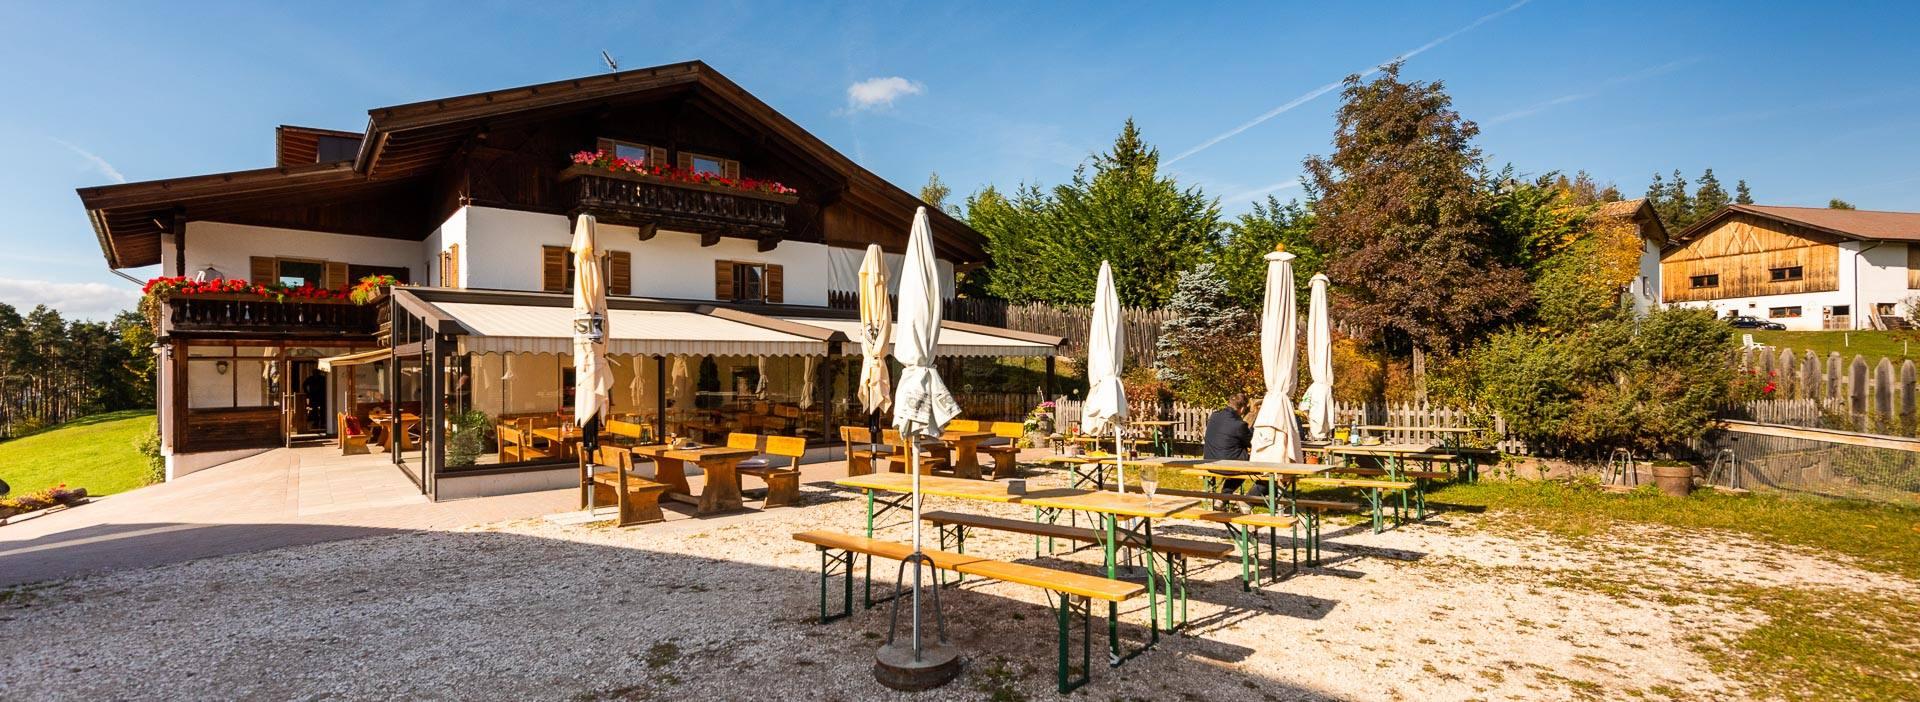 Gasthaus Untereggerhof